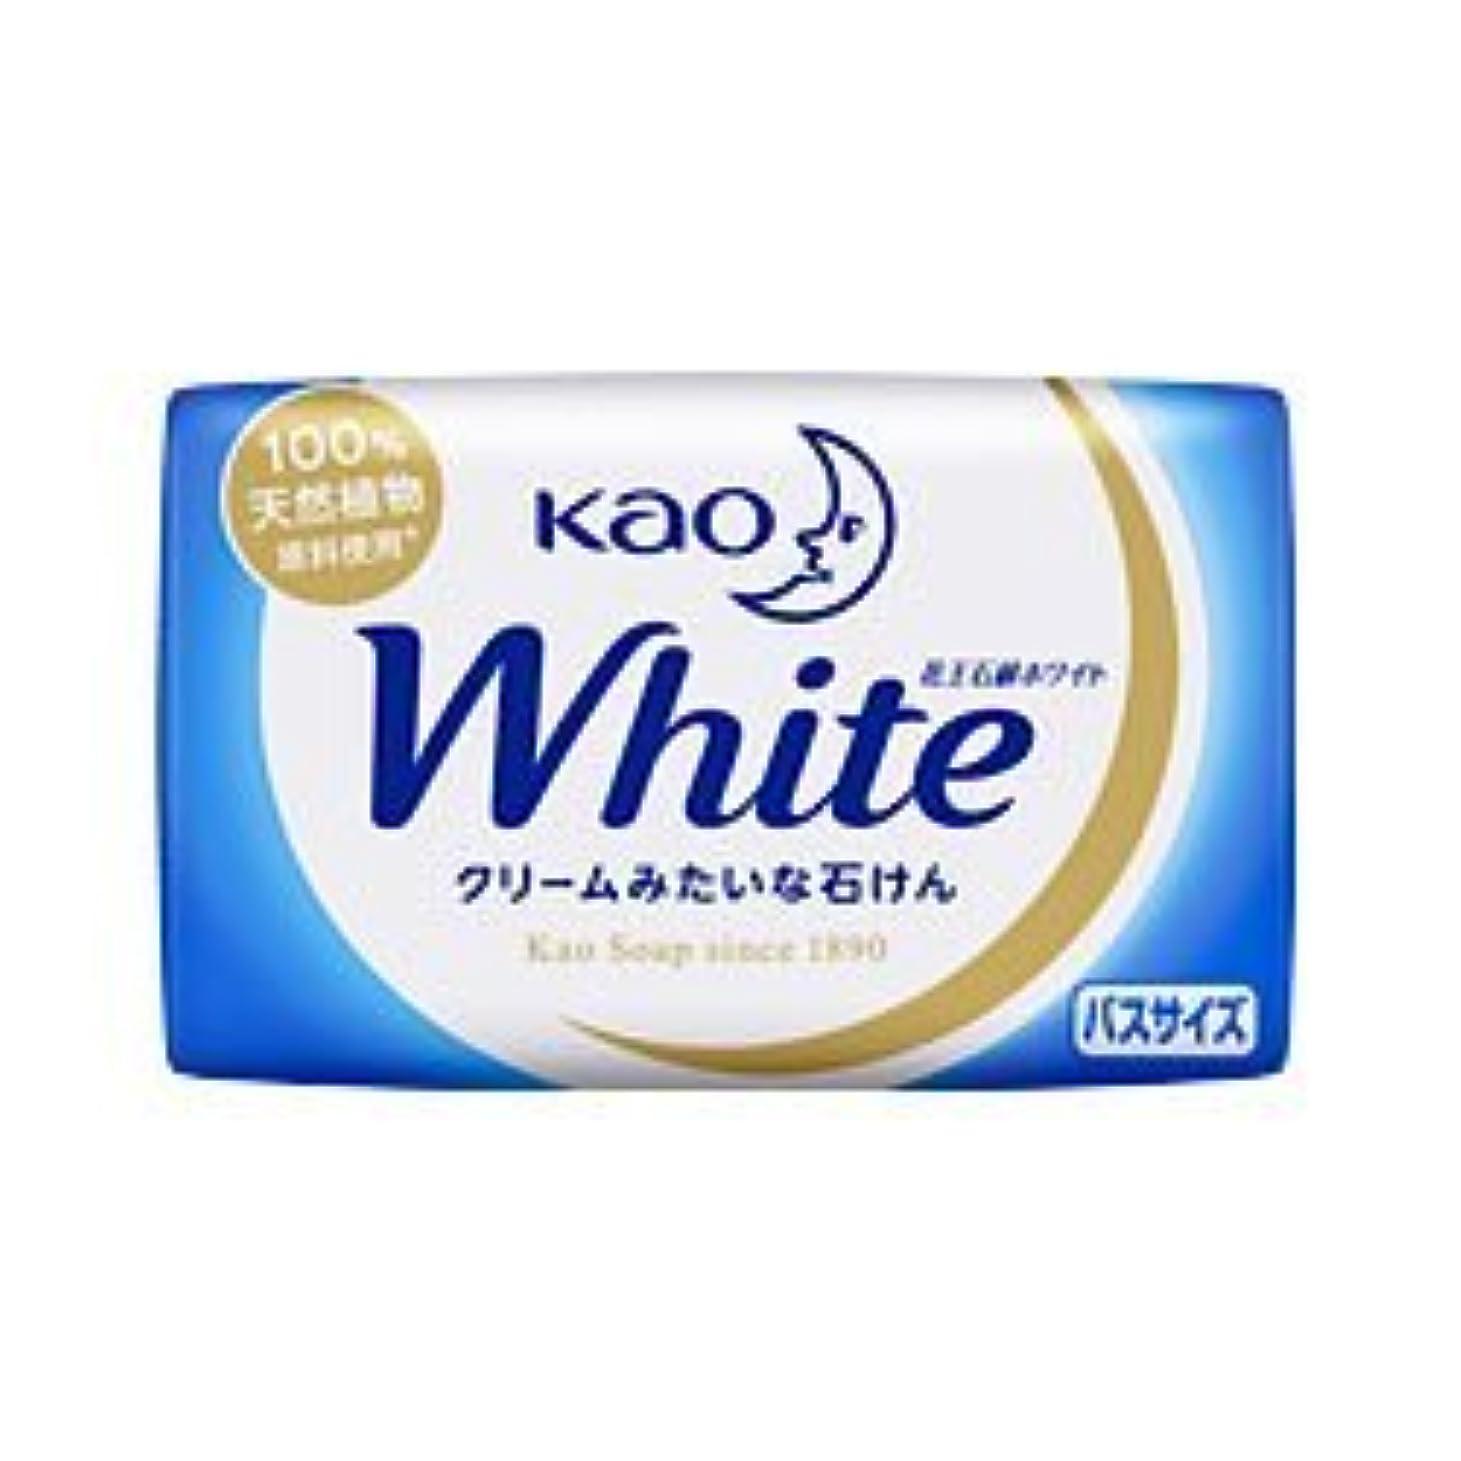 生活全国シュート【花王】花王ホワイト バスサイズ 1個 130g ×20個セット